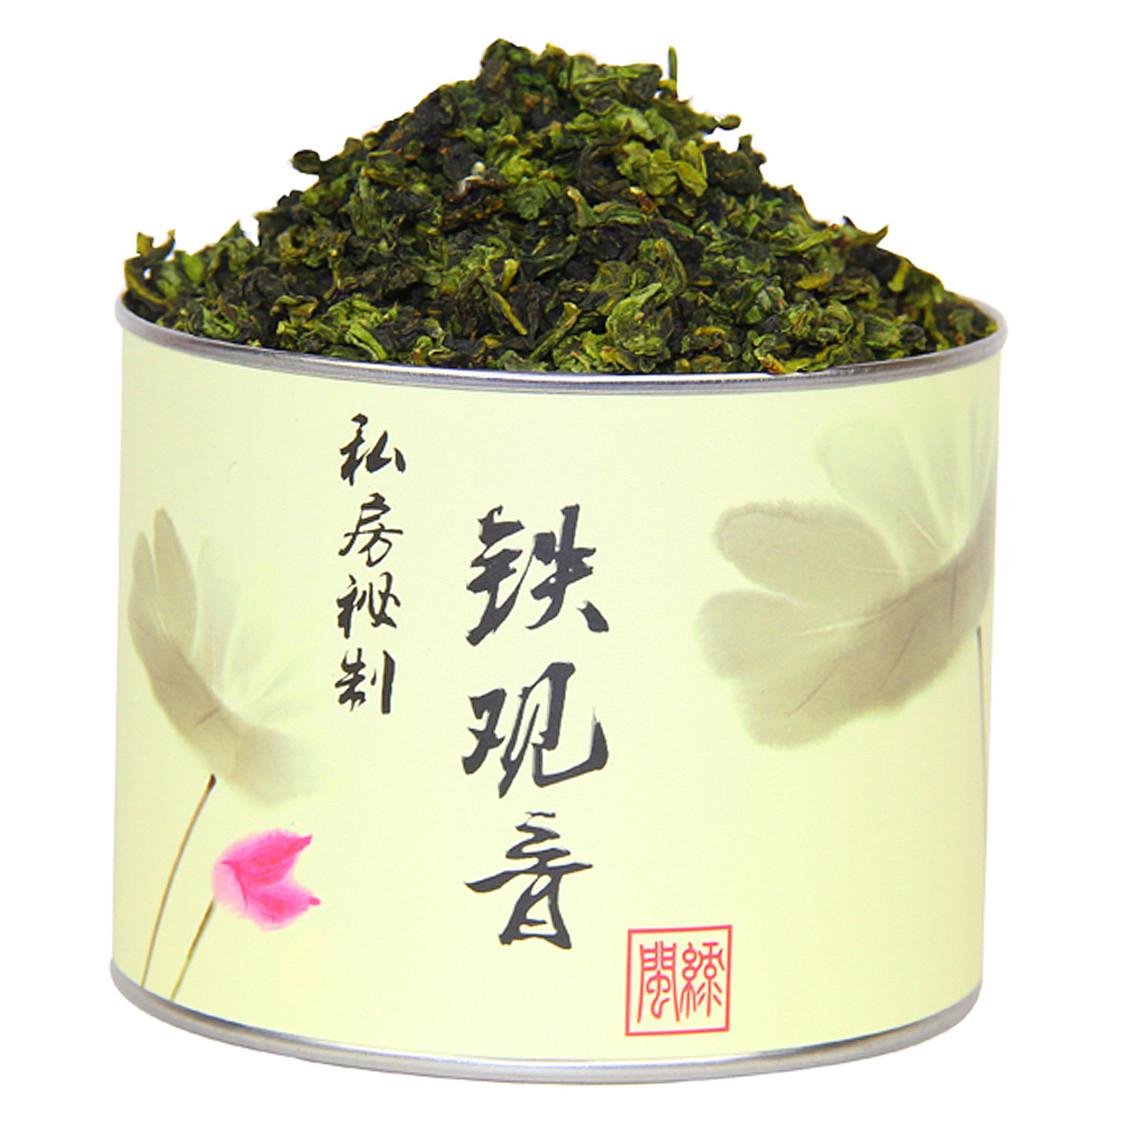 9元包邮-闽绿茶叶 安溪铁观音 清香型特级铁观音 乌龙茶 2013新茶叶 正品